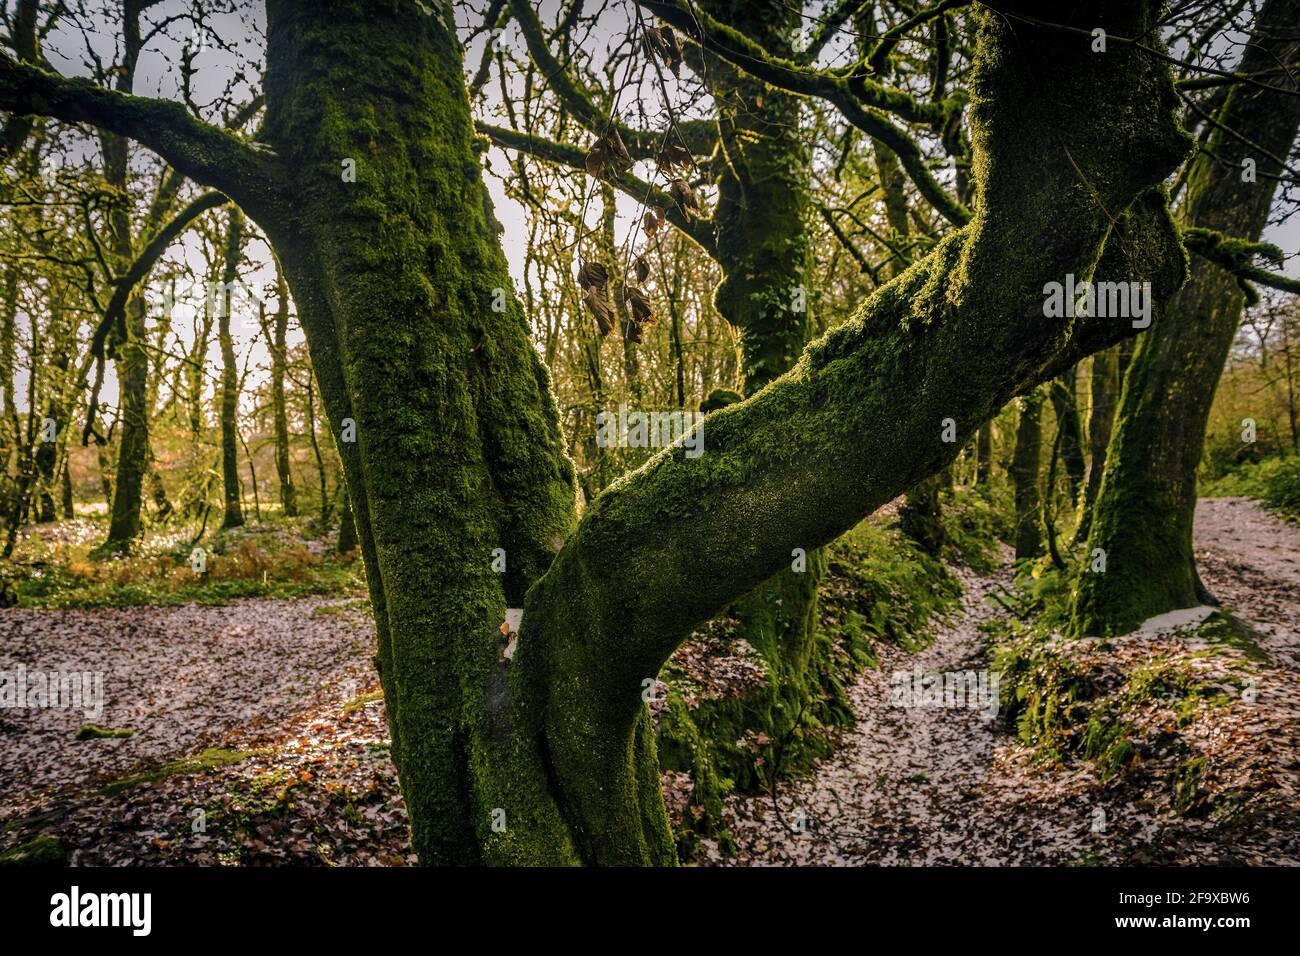 Moos wächst auf einem Buchenbaum - Fagus sylvatica - im alten Wald Draynes Wood in Cornwall. Stockfoto